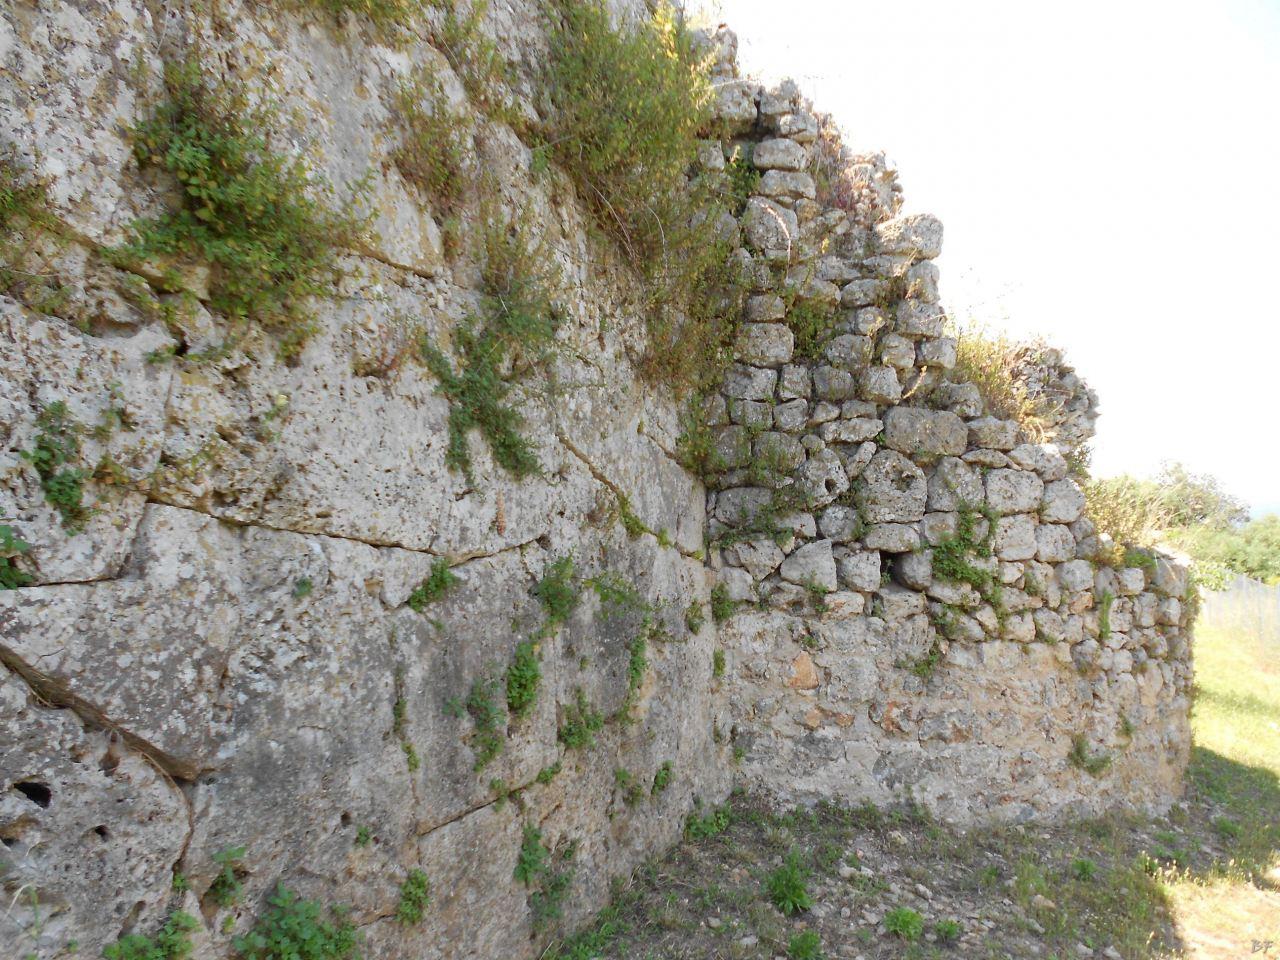 Cosa-Mura-Megalitiche-Ansedonia-Grosseto-Toscana-Italia-16